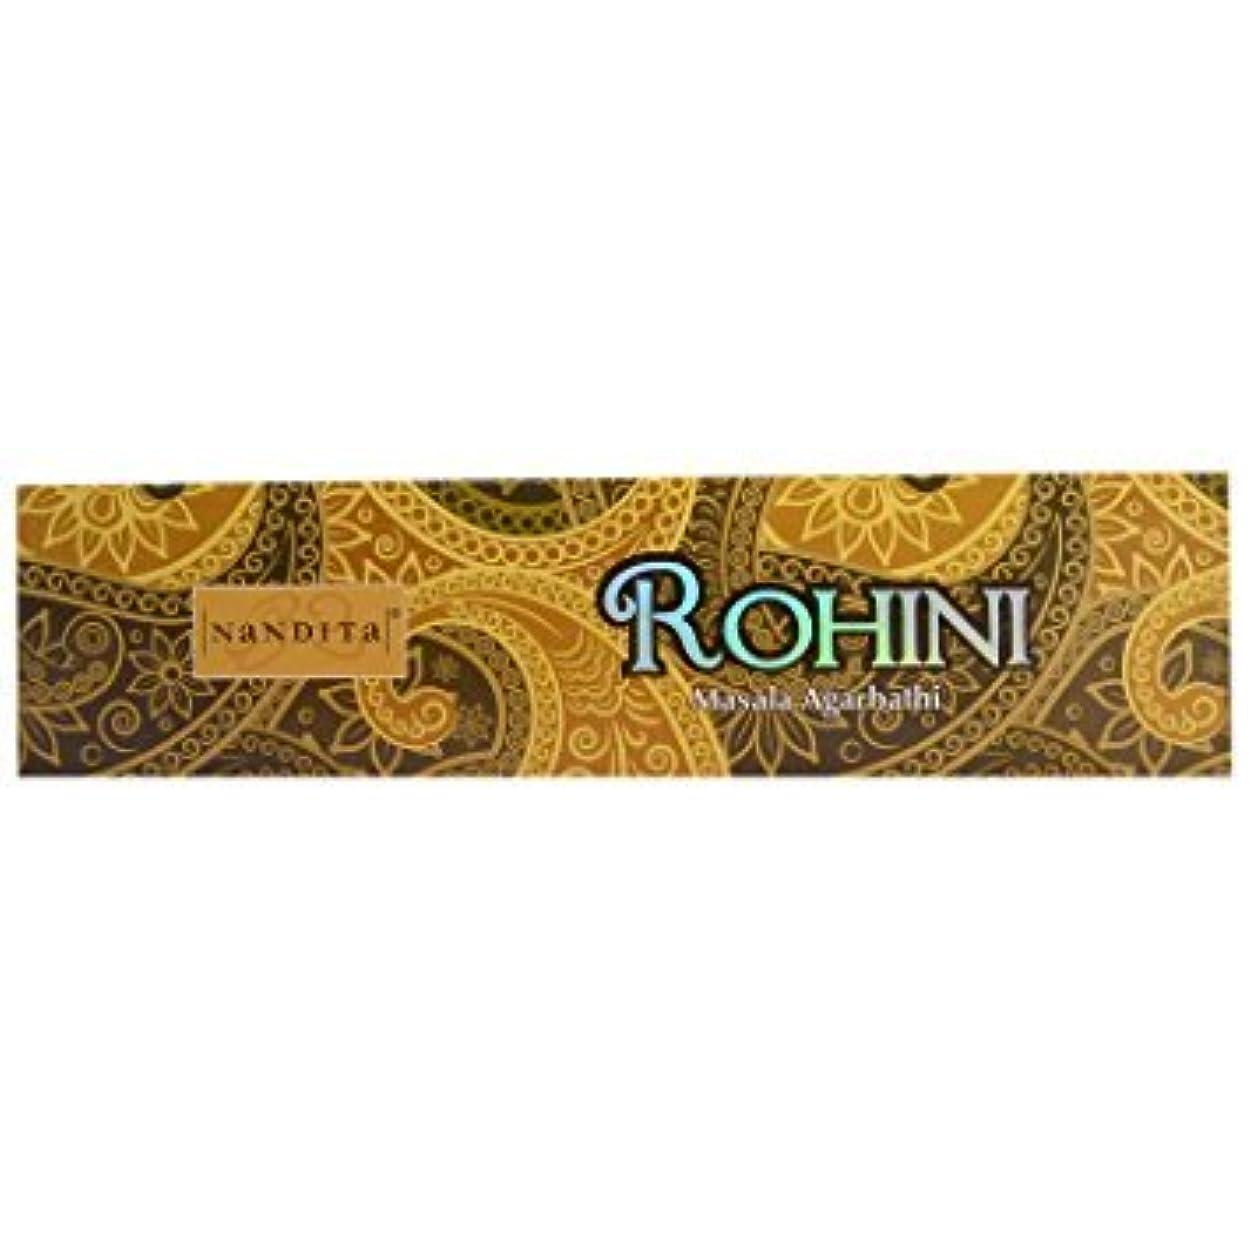 クレタ唯物論会員Nandita Rohini Incense Sticks Masala Agarbathi 50 gボックス ブラウン